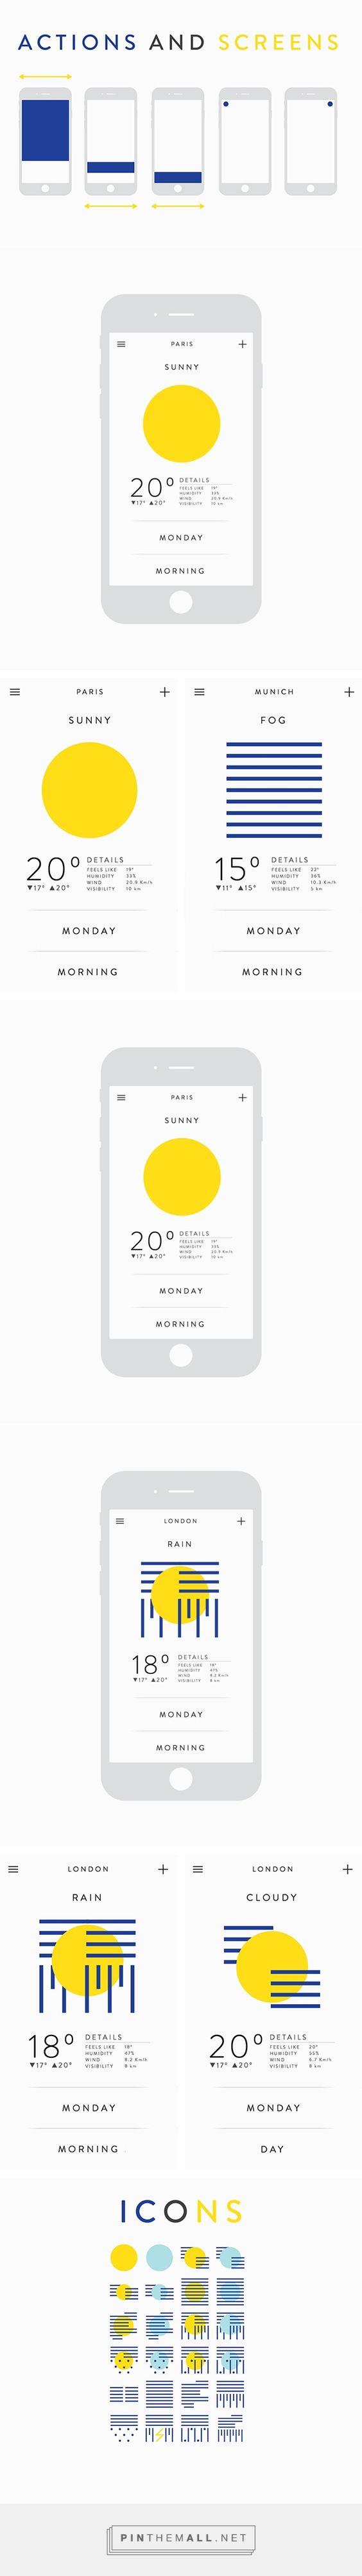 Weather app on Behance https://www.behance.net/gallery/22645245/Weather-app